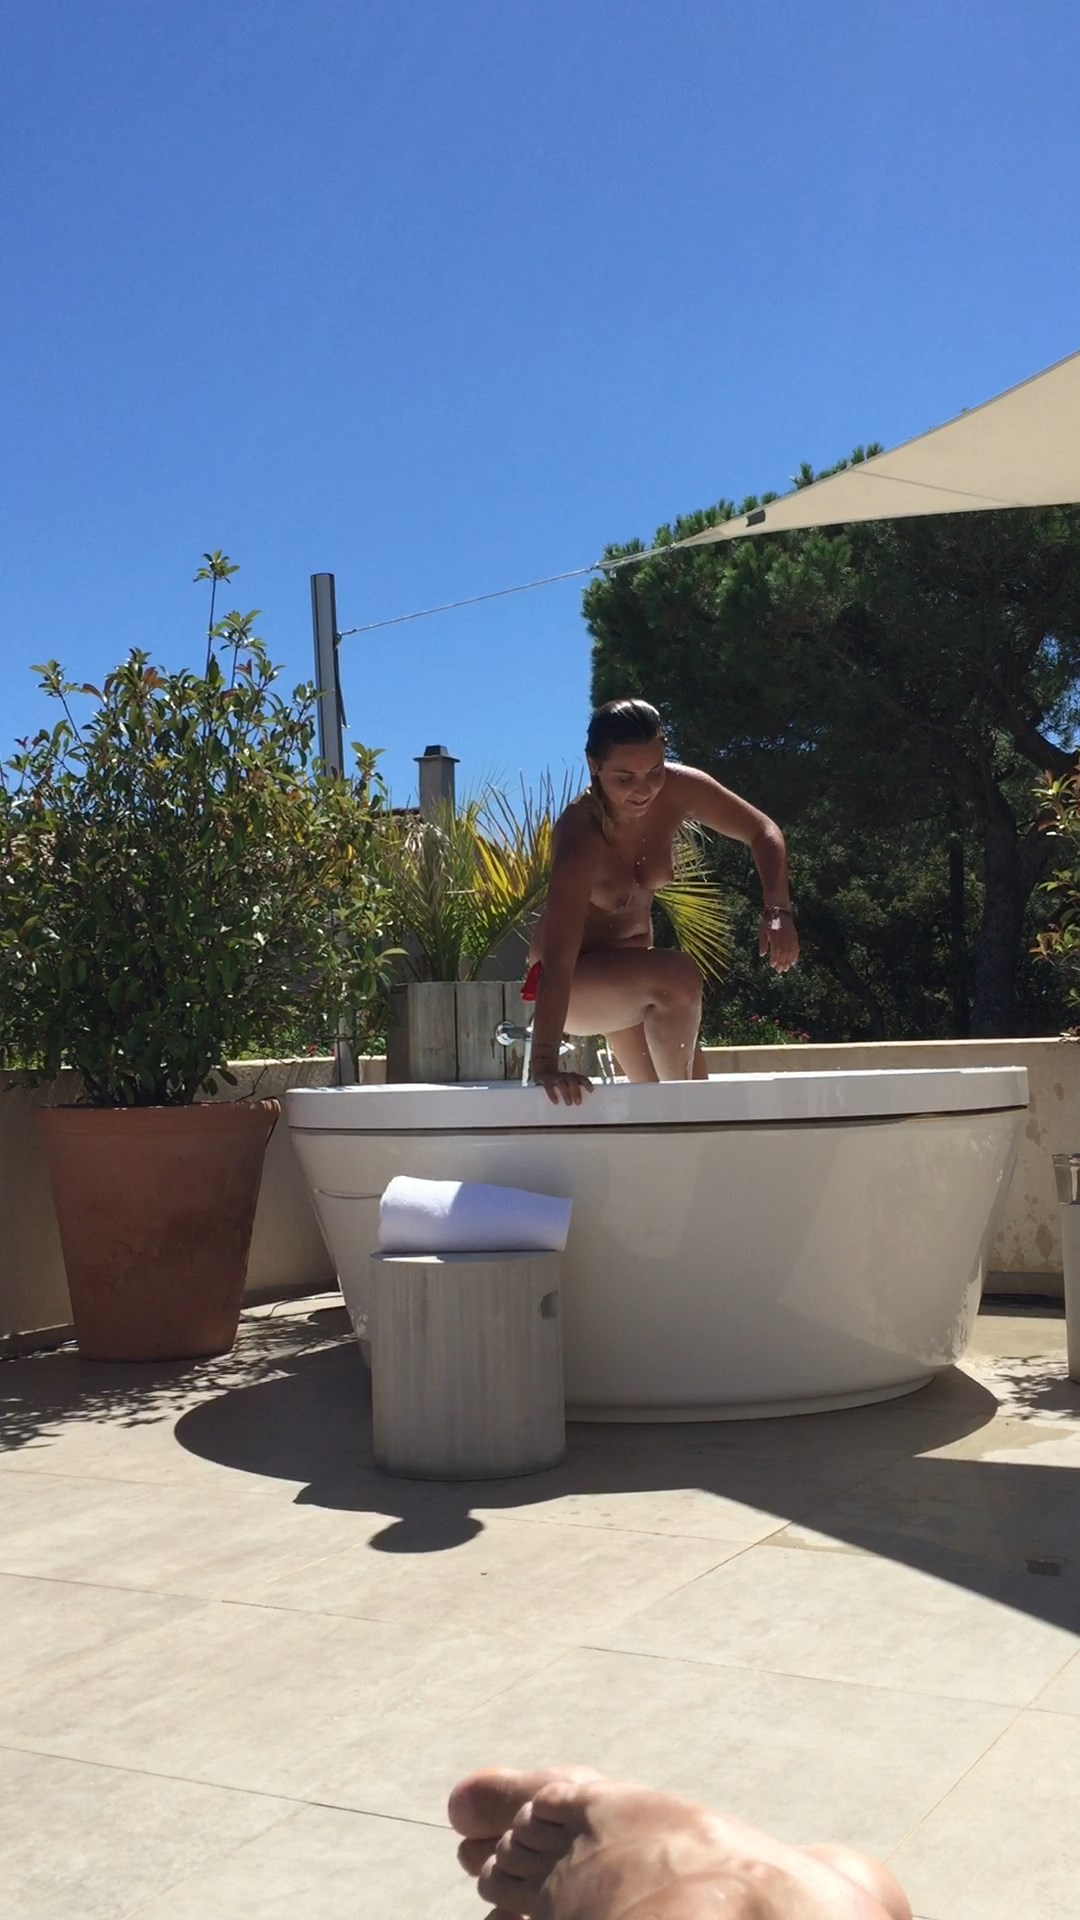 Priscilla Betti Nude Leaked The Fappening 0008